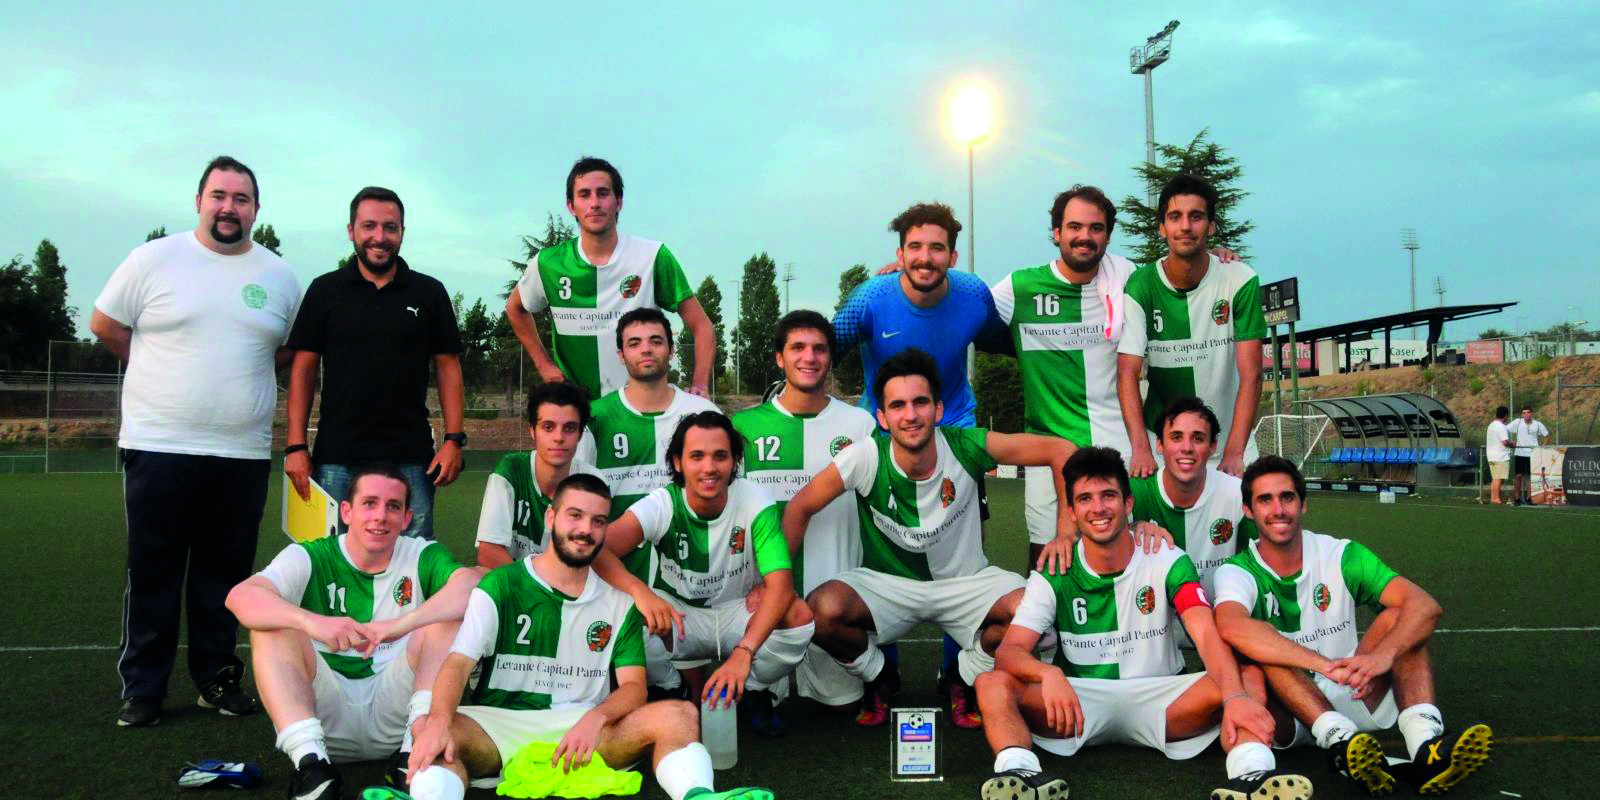 El Valldoreix FC va guanyar el  I Torneig del Centenari de futbol del Junior FC.